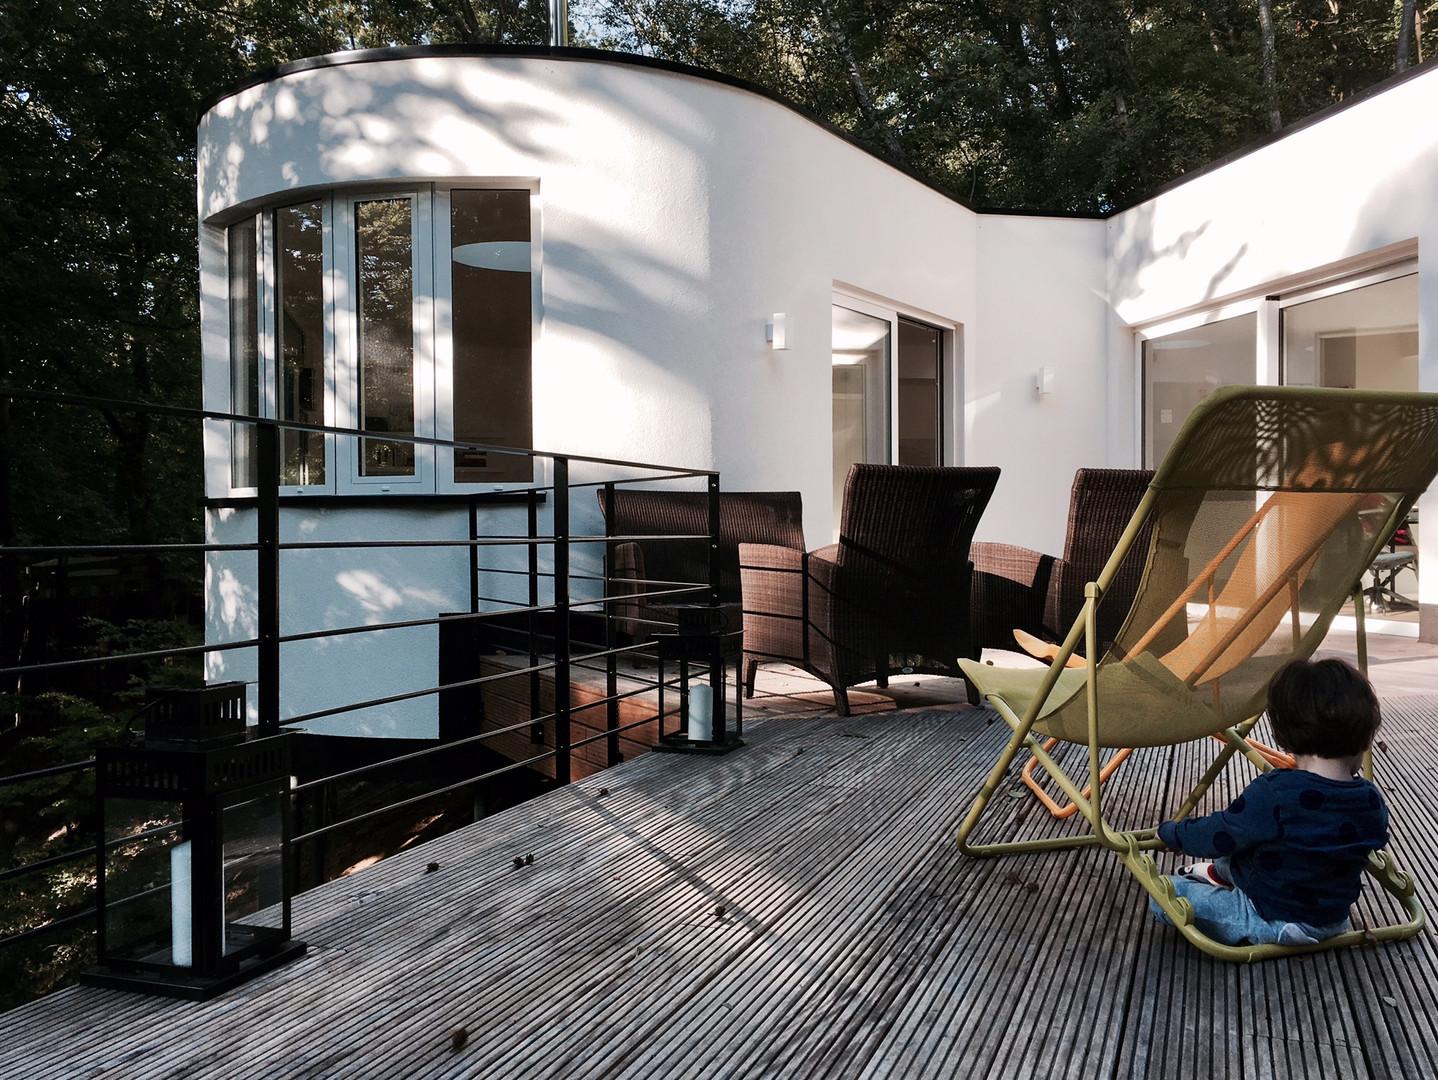 Maison contemporaine à Wavre: enfant sur terrasse en bois toit plat